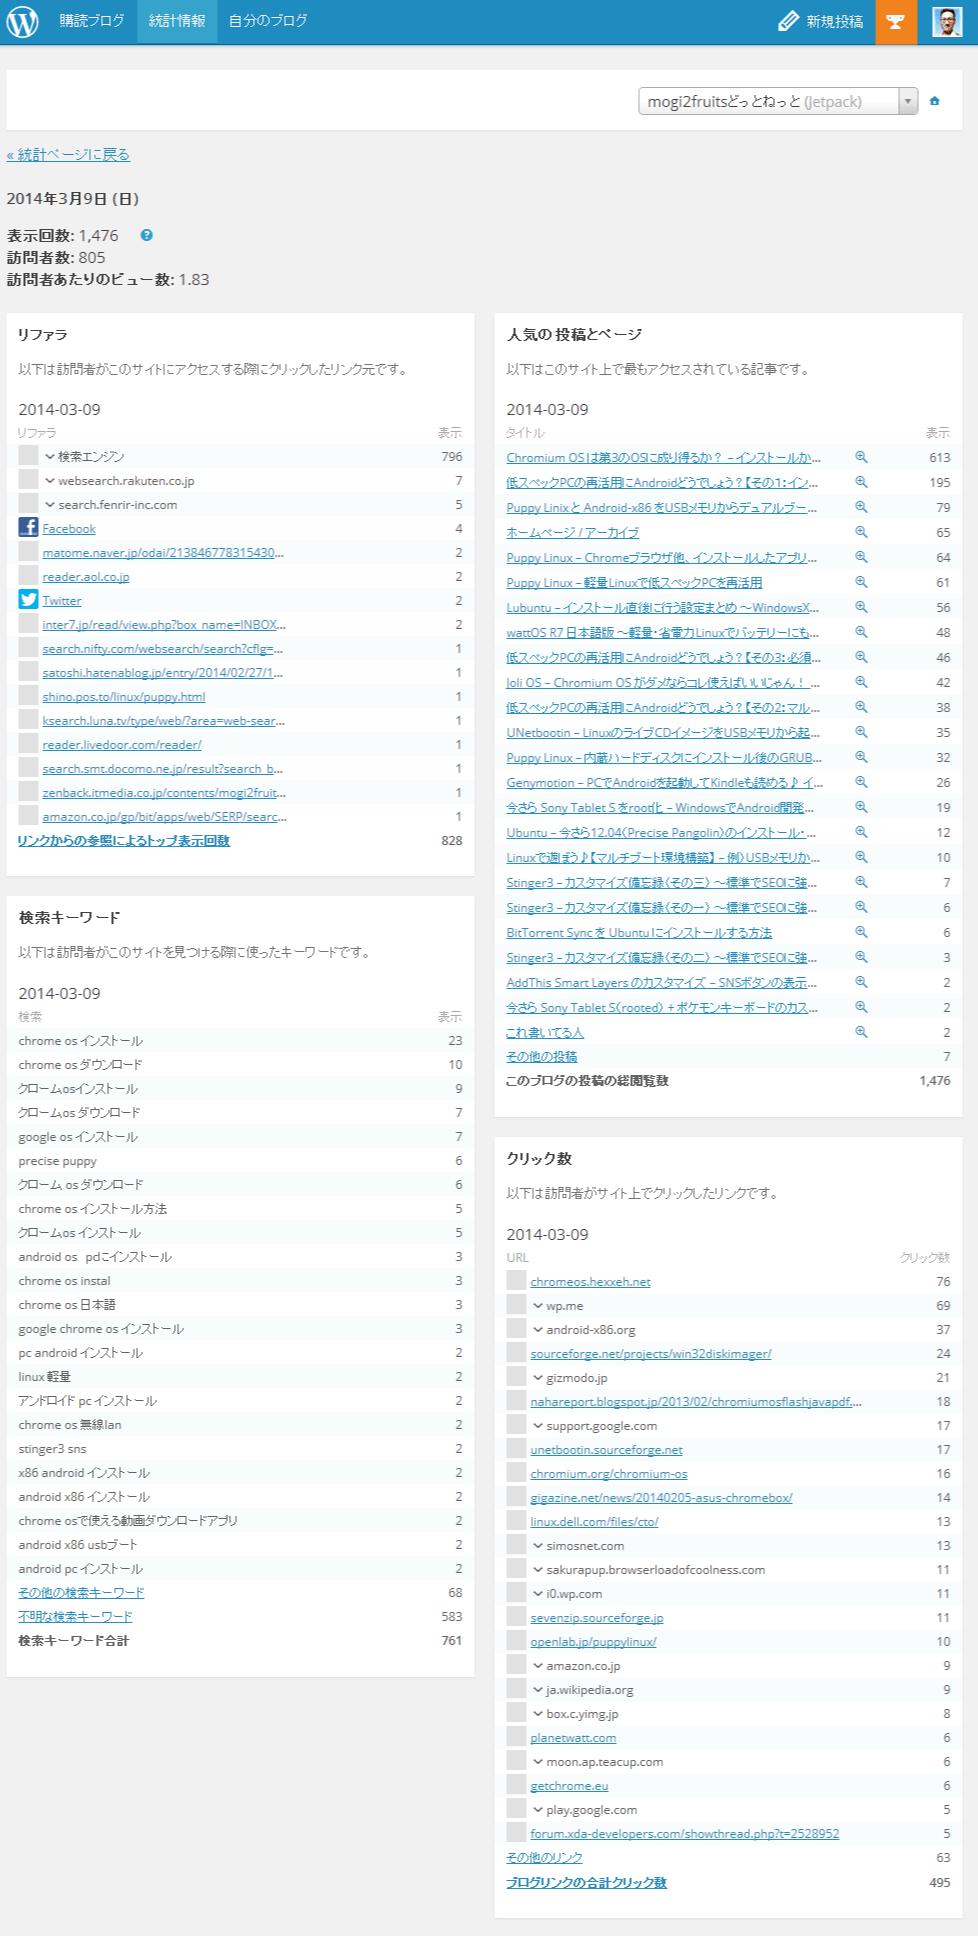 統計情報-WordPress.com_PV数概要02